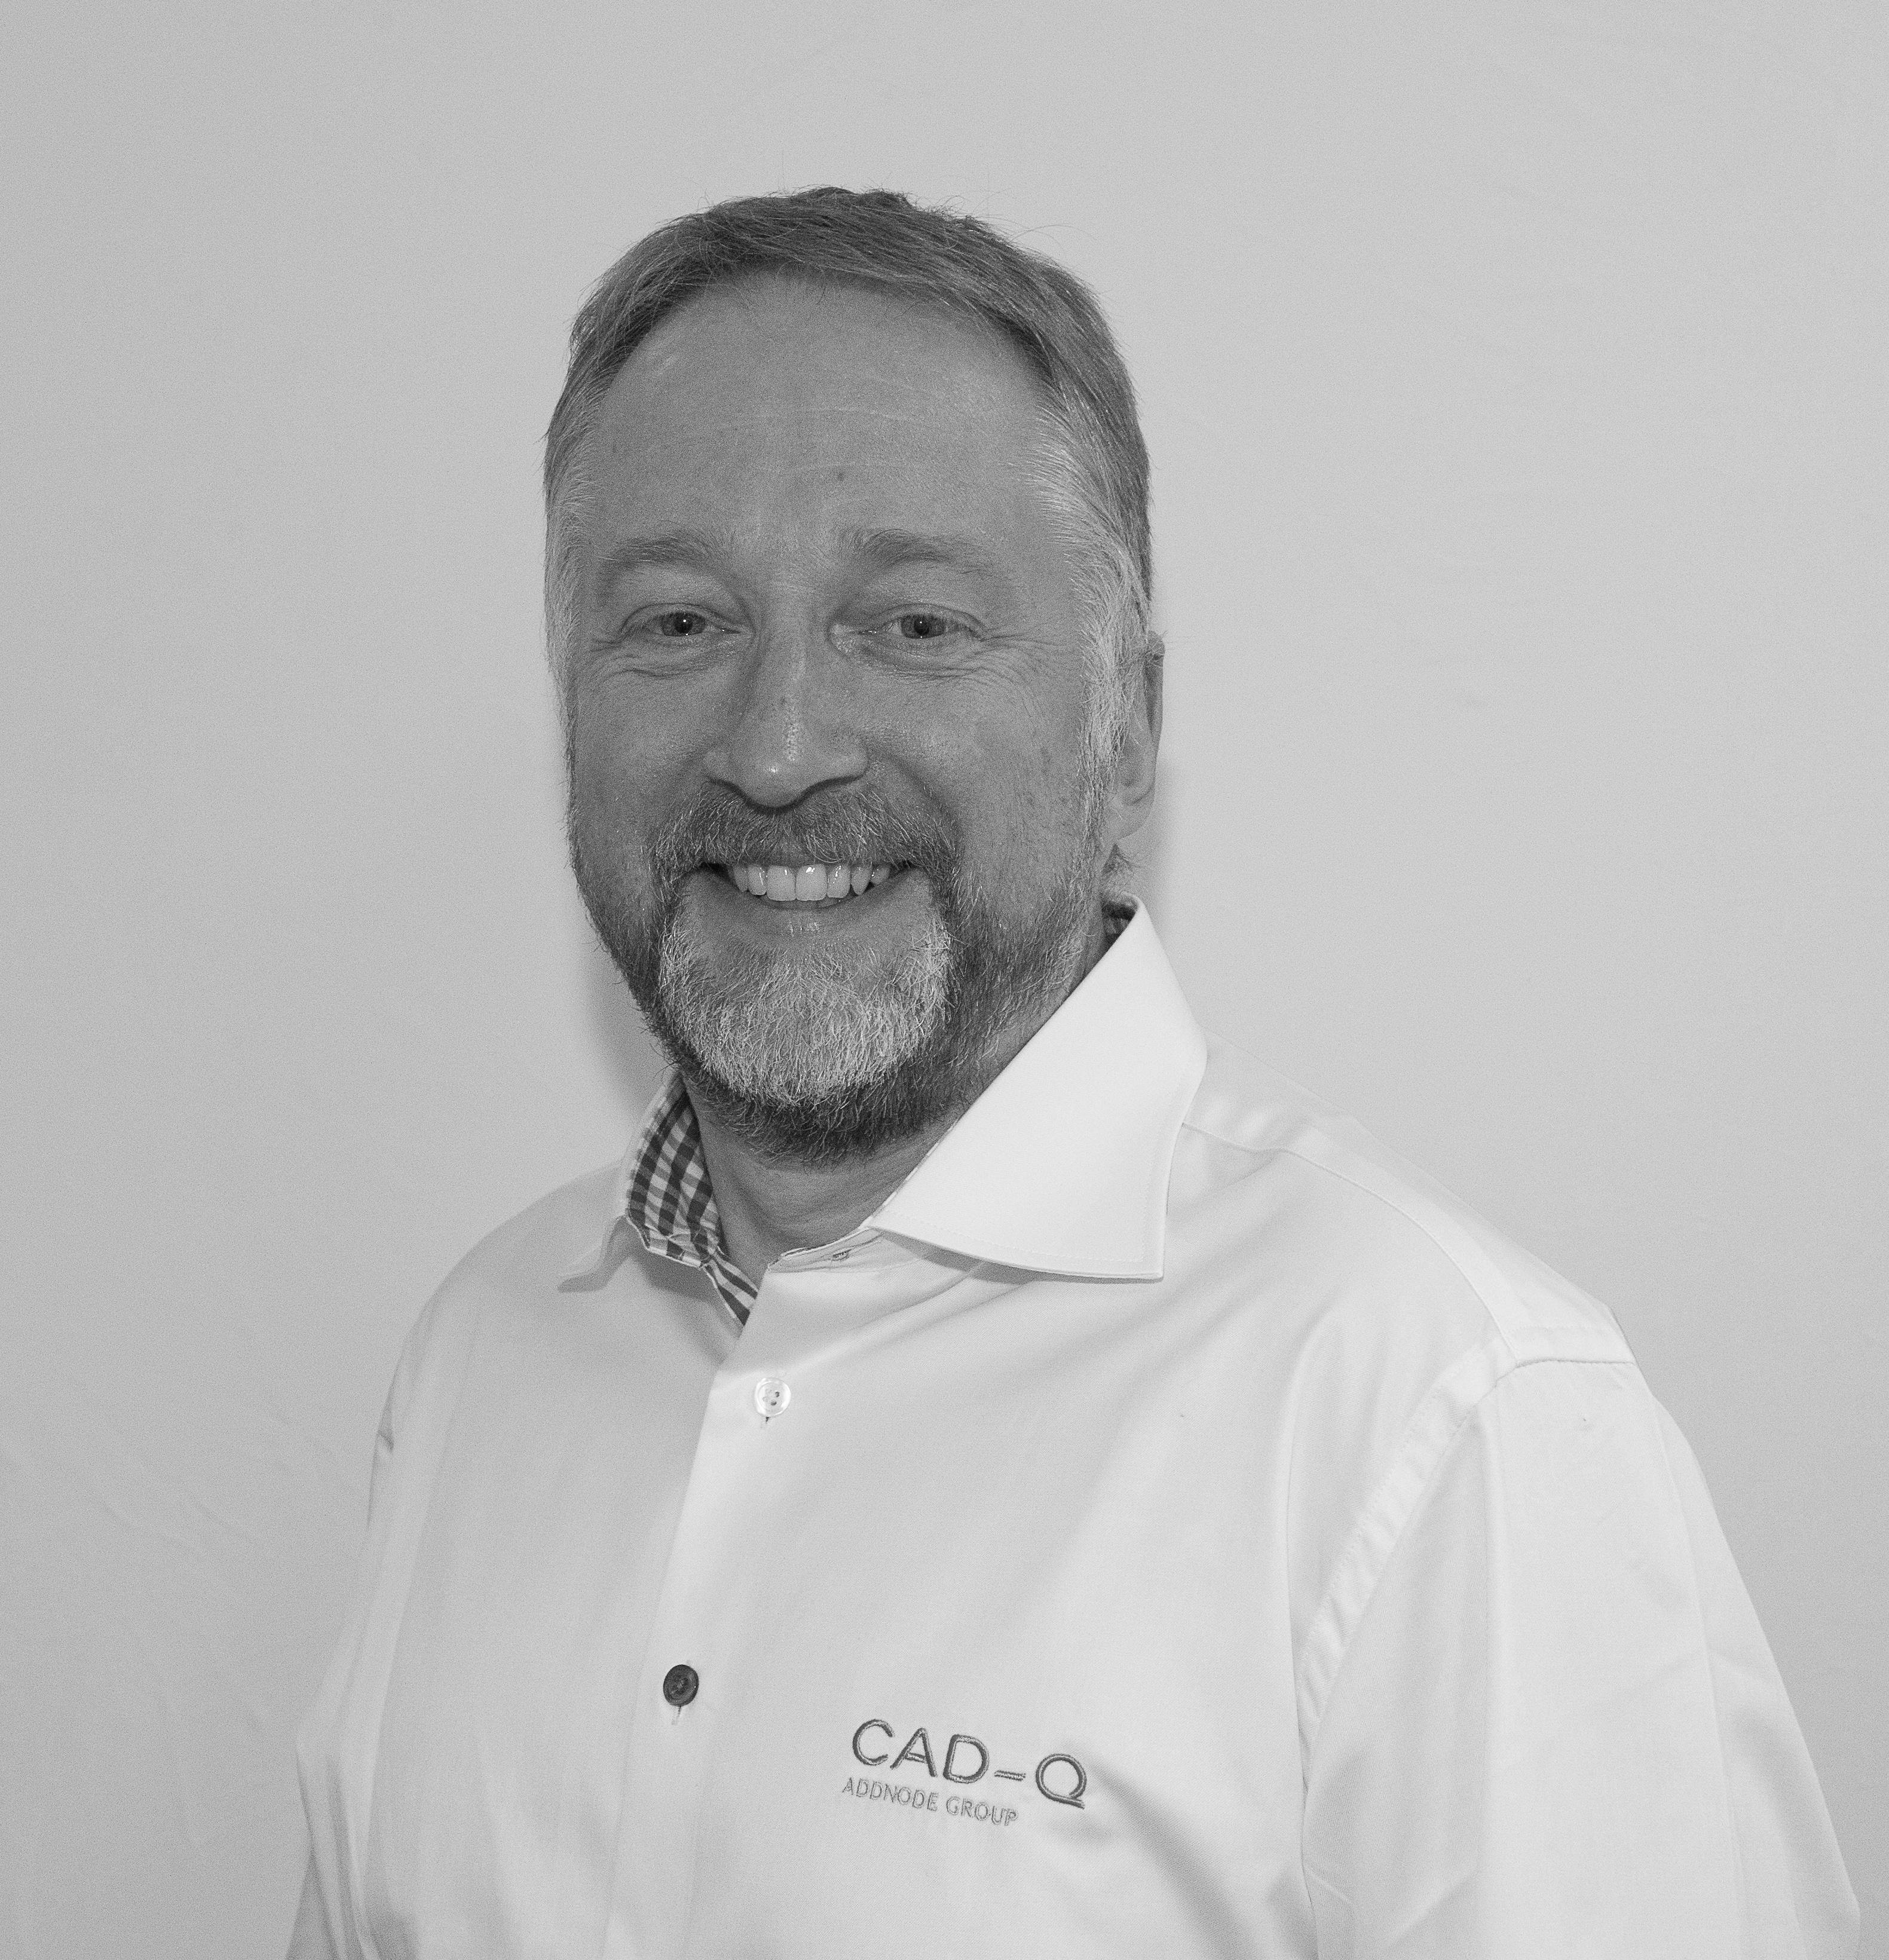 Neil Adcock